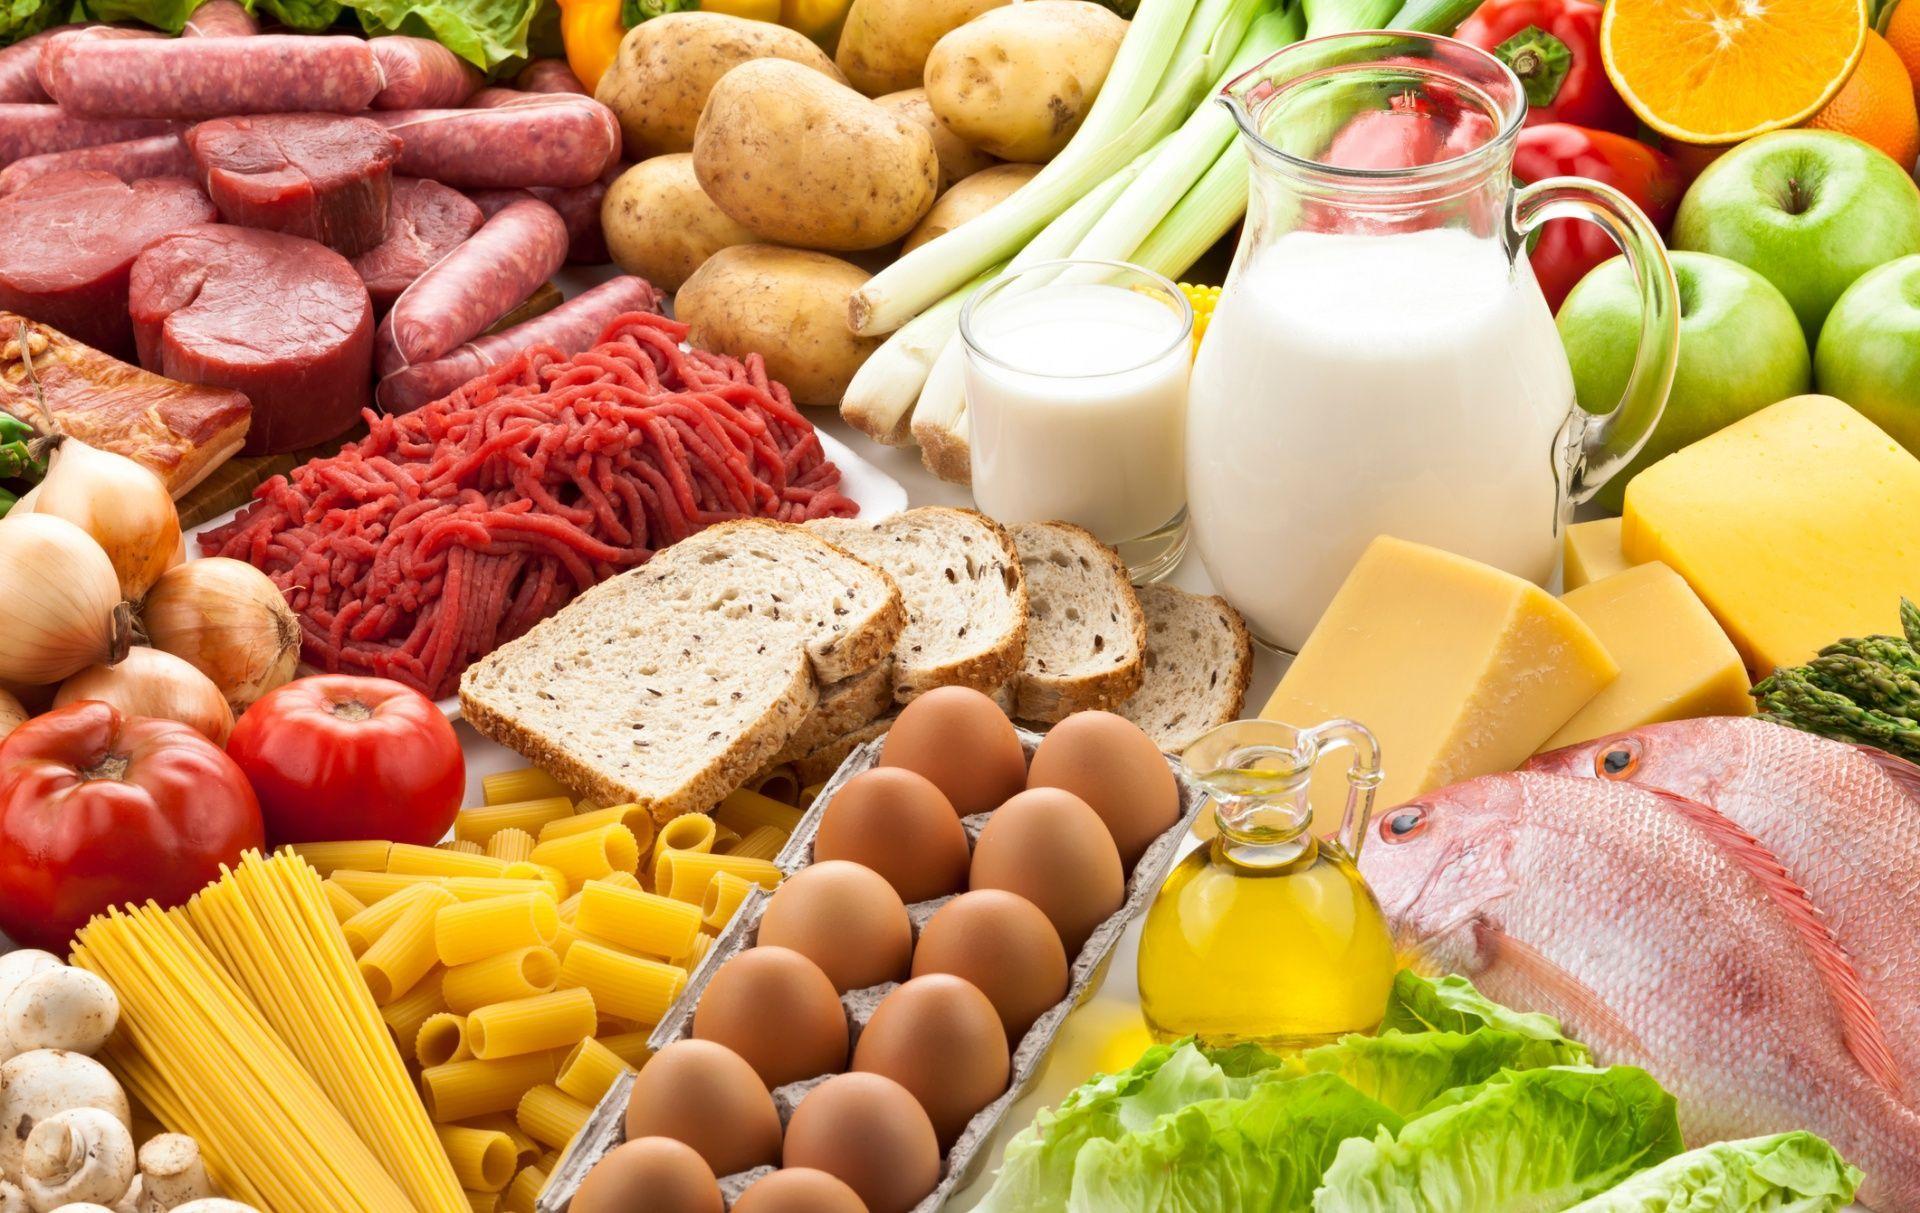 Эксперты прогнозируют рост на основные продукты из потребительской корзины